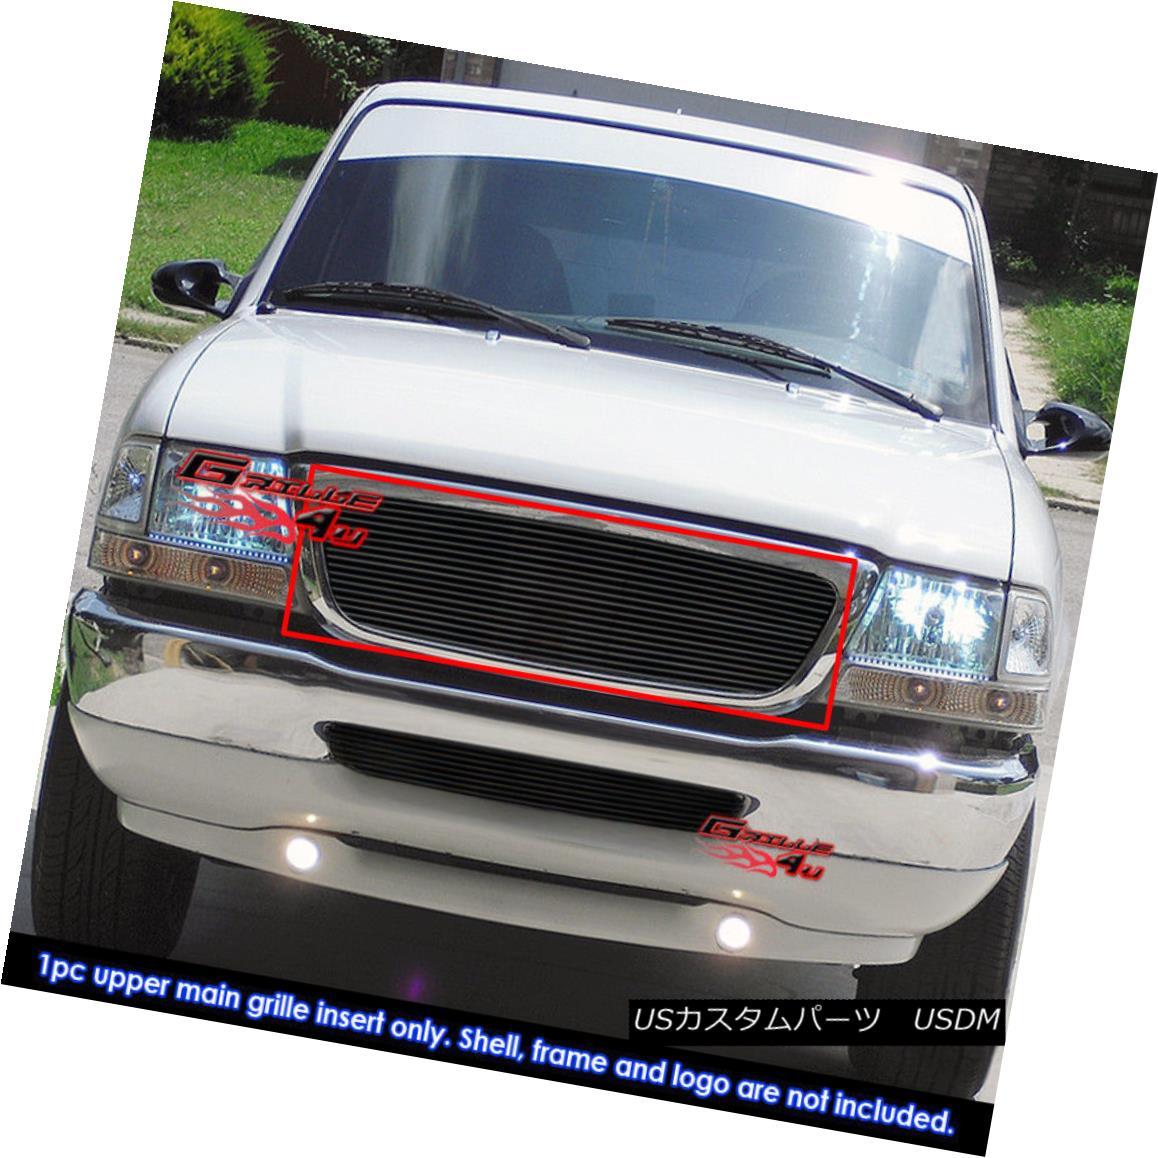 グリル Fits 1998-2000 Ford Ranger Black Main Upper Billet Grille Insert フィット1998-2000フォードレンジャーブラックメインアッパービレットグリルインサート